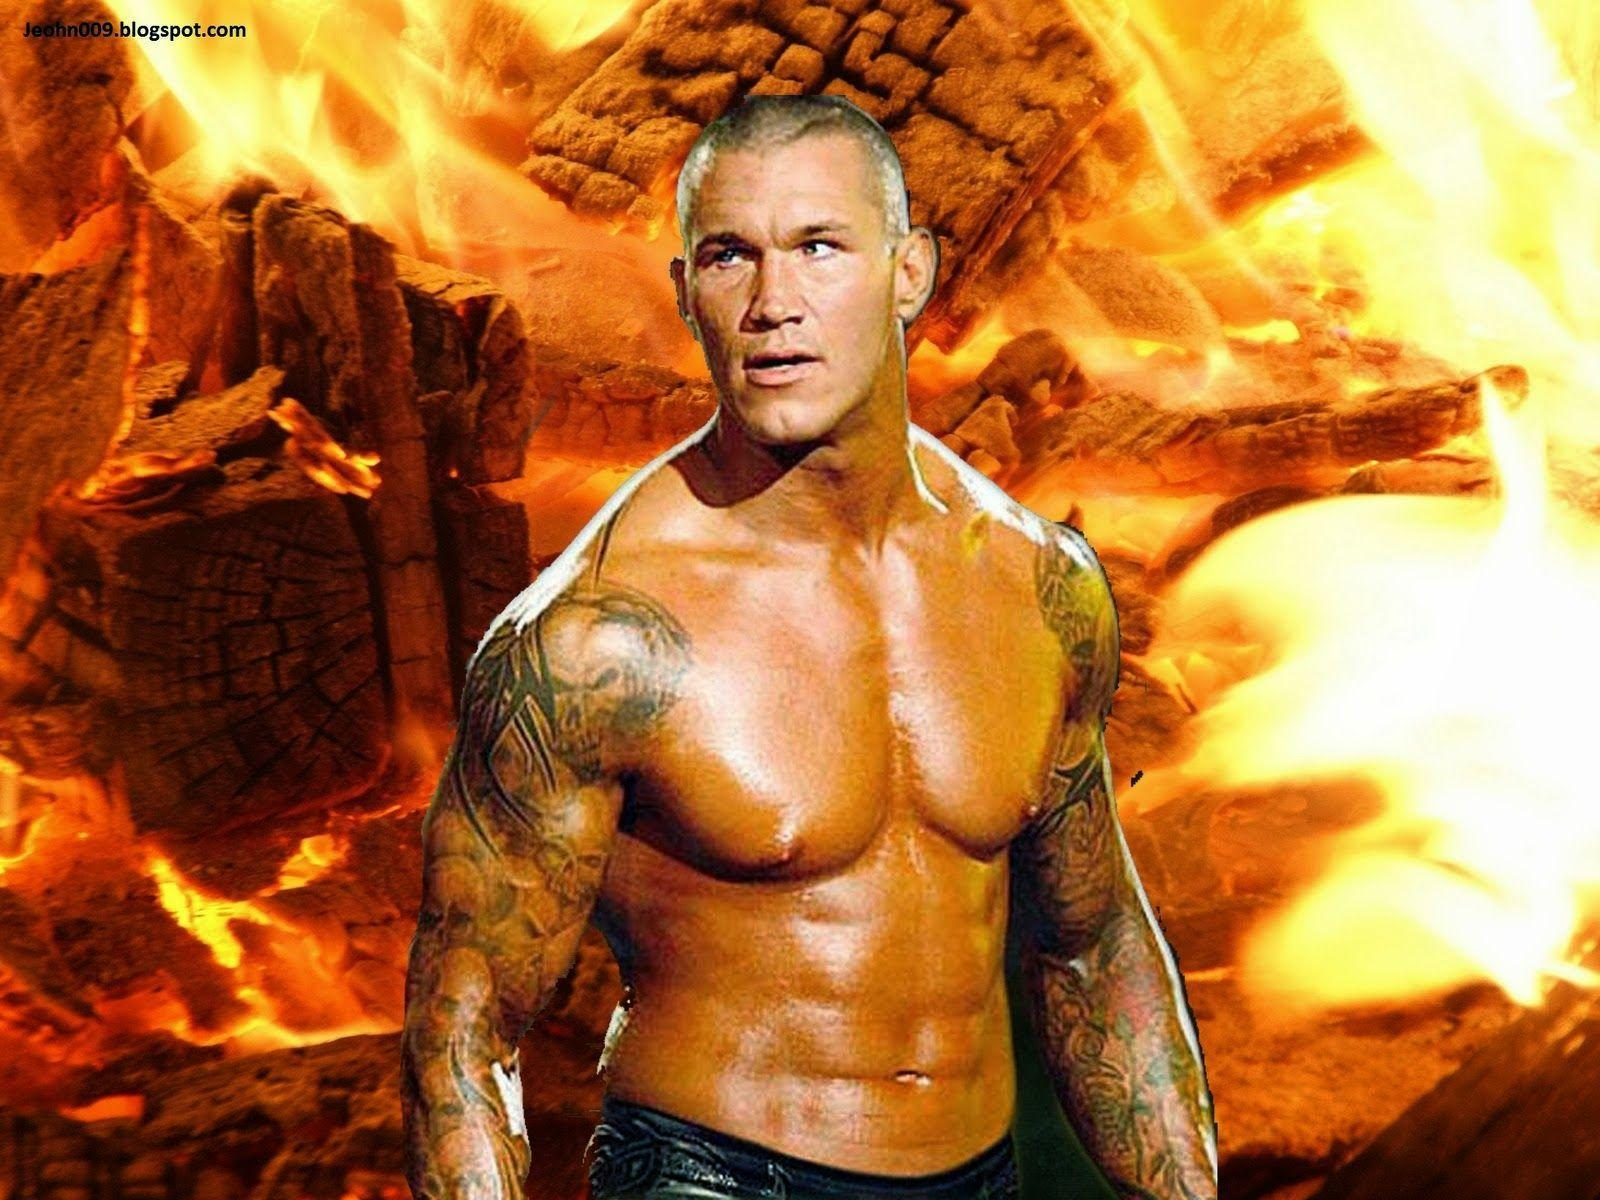 Randy Orton 2015 Wallpapers Viper - Wallpaper Cave